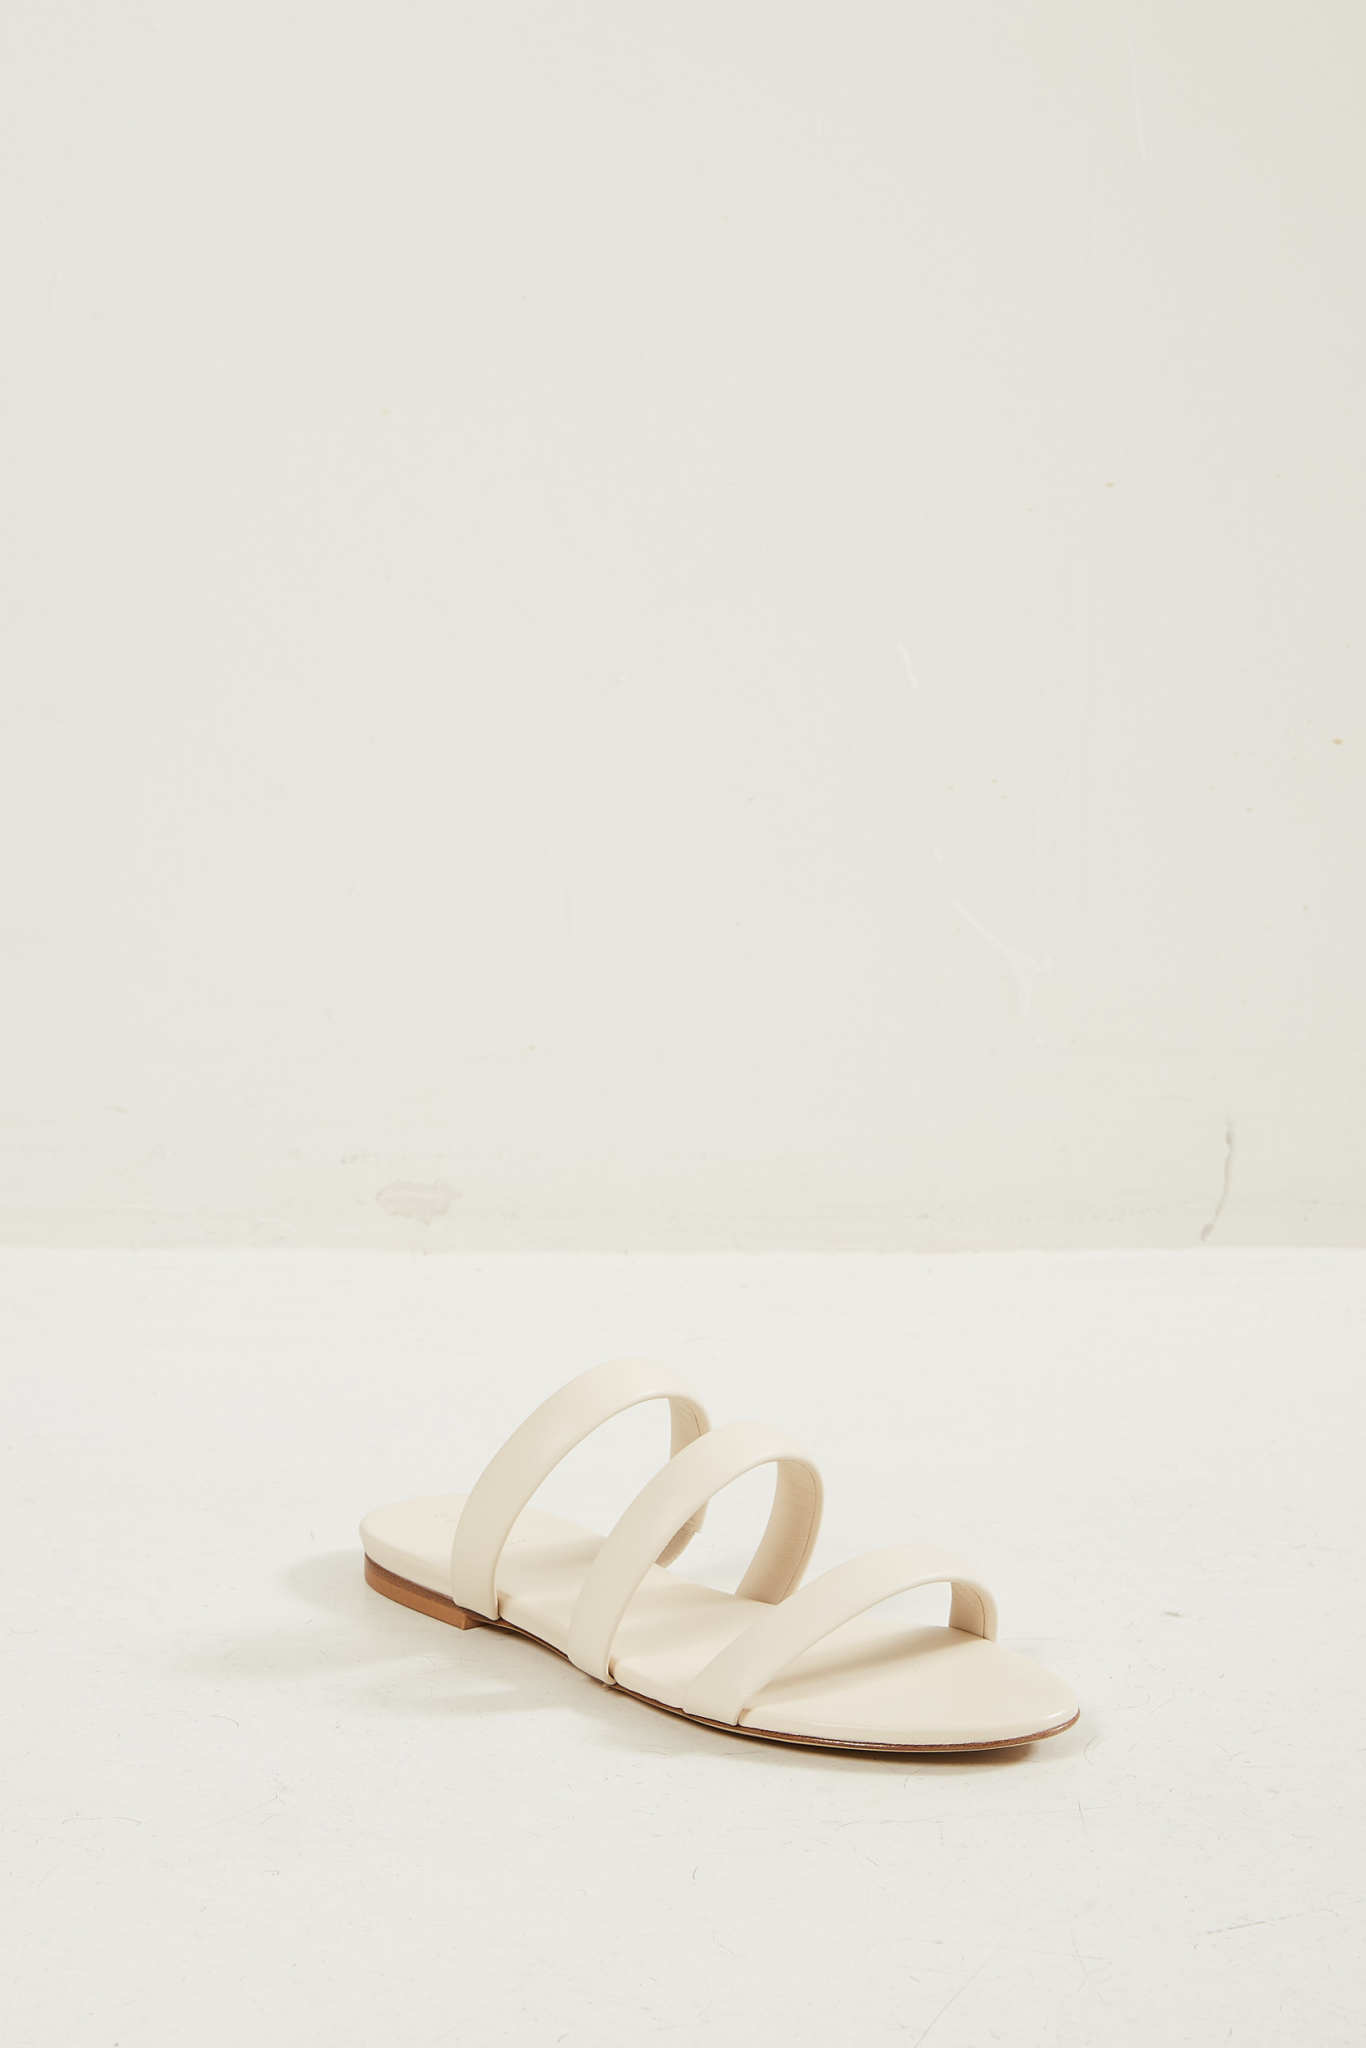 Aeyde Chrissy sandals creamy.